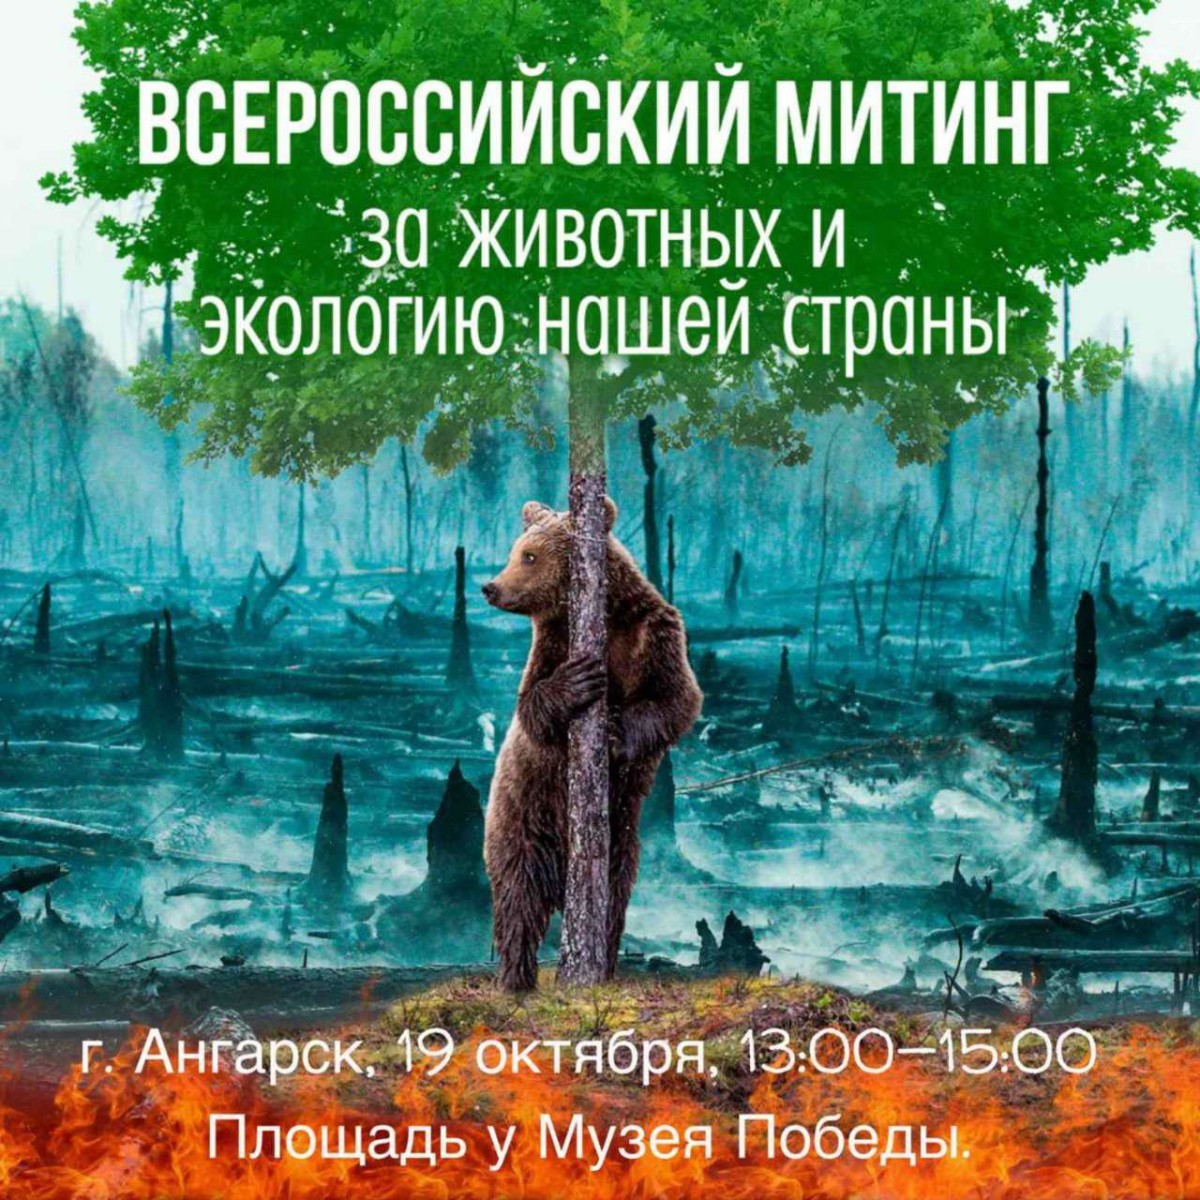 19 октября всероссийский митинг за животных и экологию нашей страны